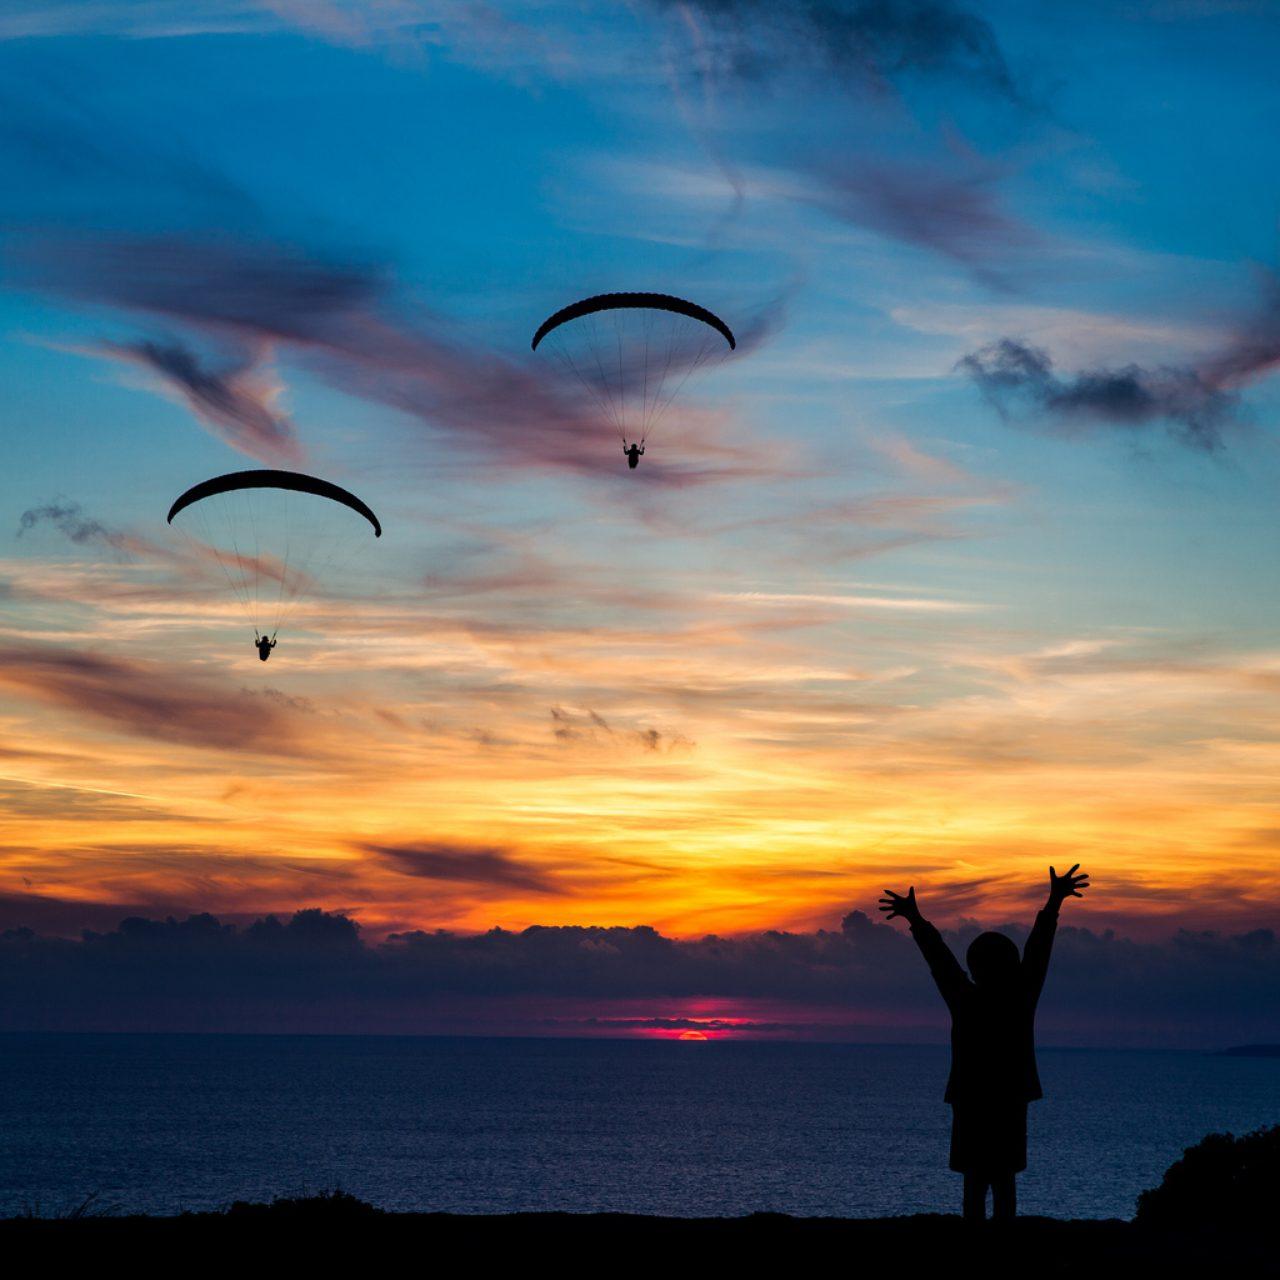 画像: lifestyles www.imcreator.com